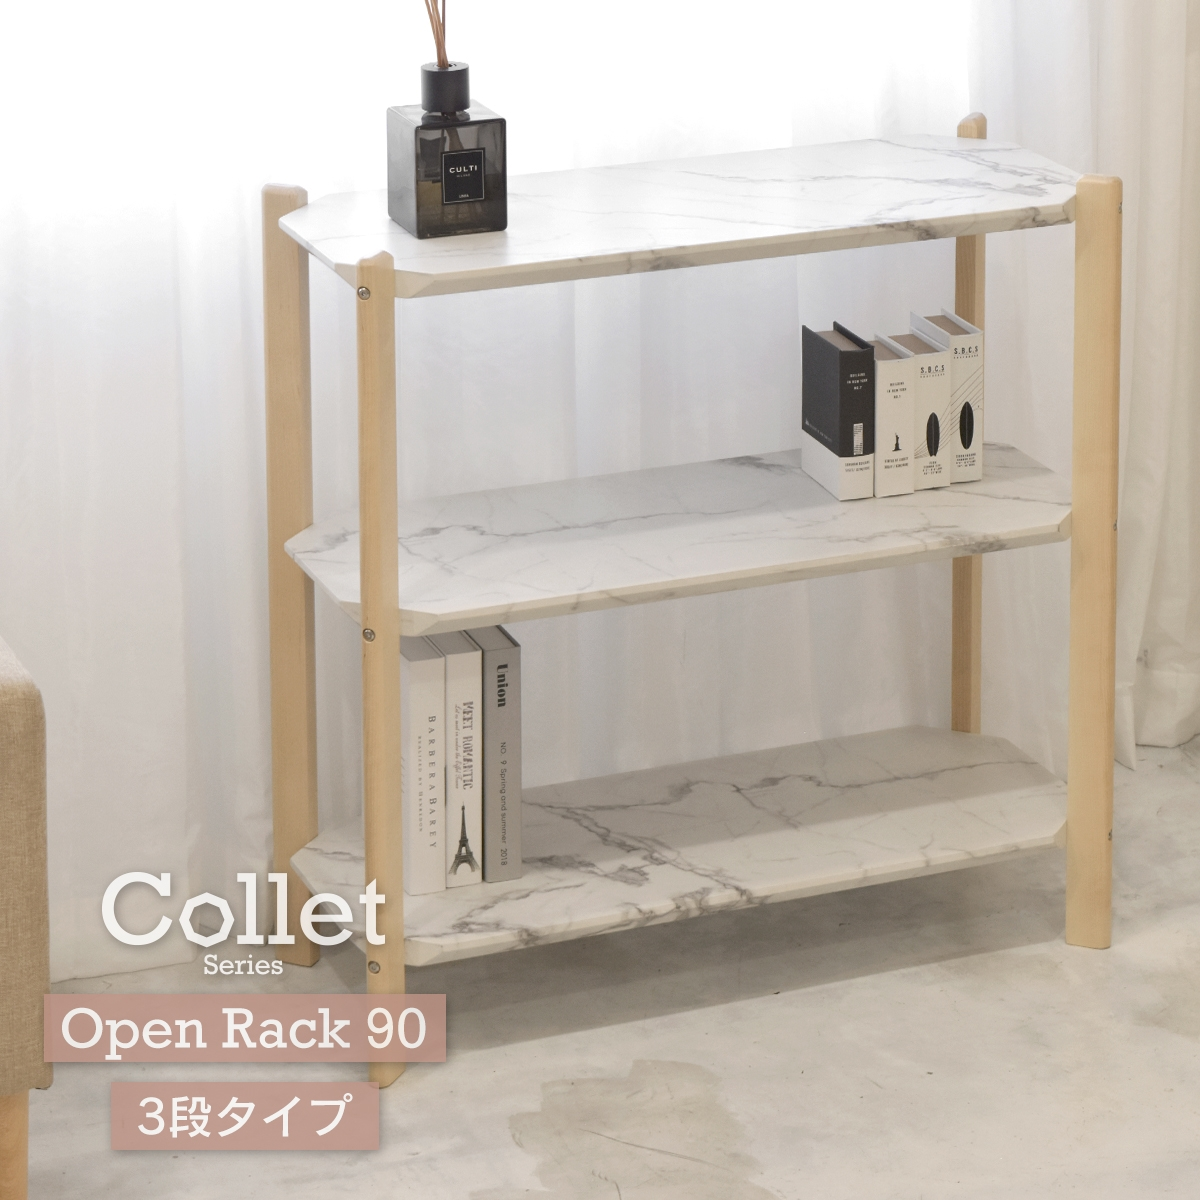 Collet 3段ラック 幅90 【送料無料 SALE】 W900×D360×H900mm コレット 木製 ウッド 収納棚 お洒落 オシャレ 家具 インテリア COOR-90-D3